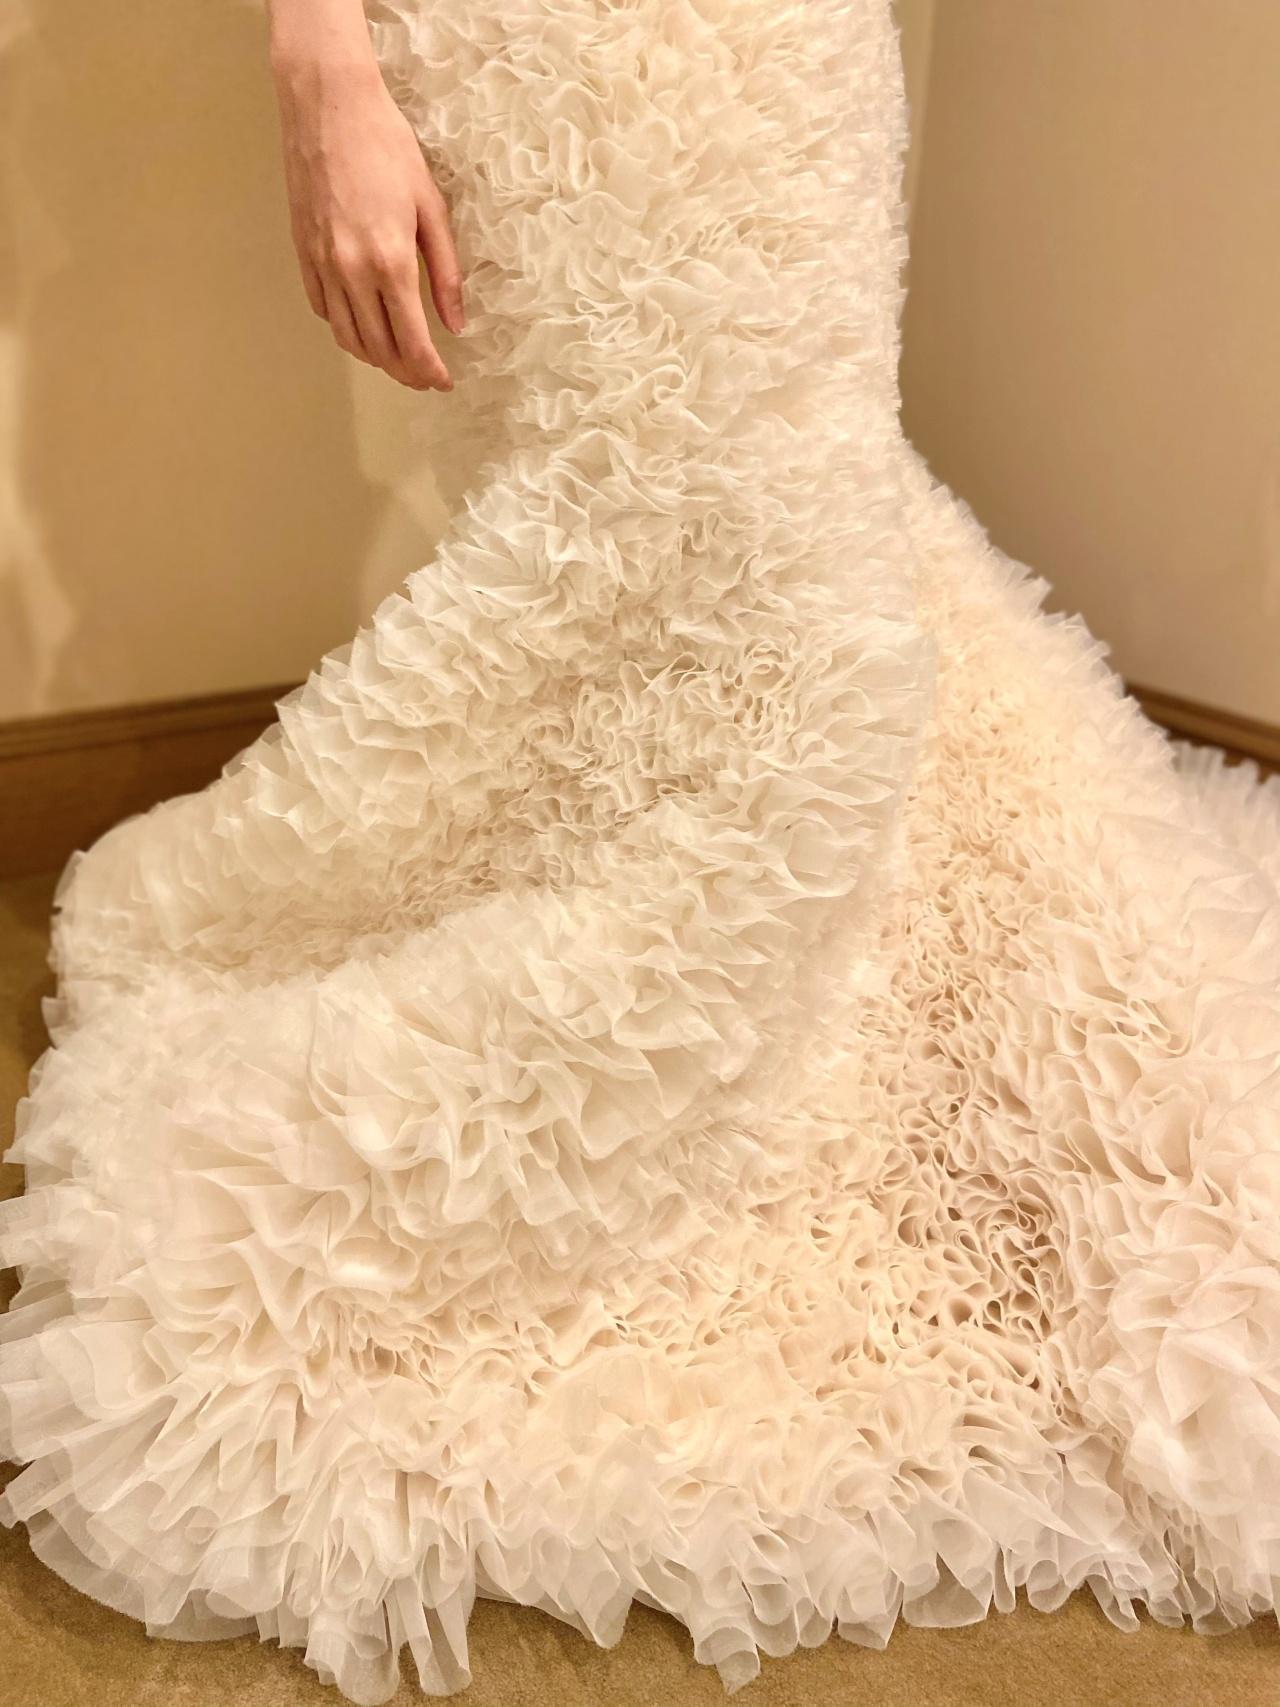 たっぷりと広がるフリルが美しいトモ コイズミのマーメイドのウェディングドレスは、ウィズザスタイルでのシックなパーティーにおすすめ